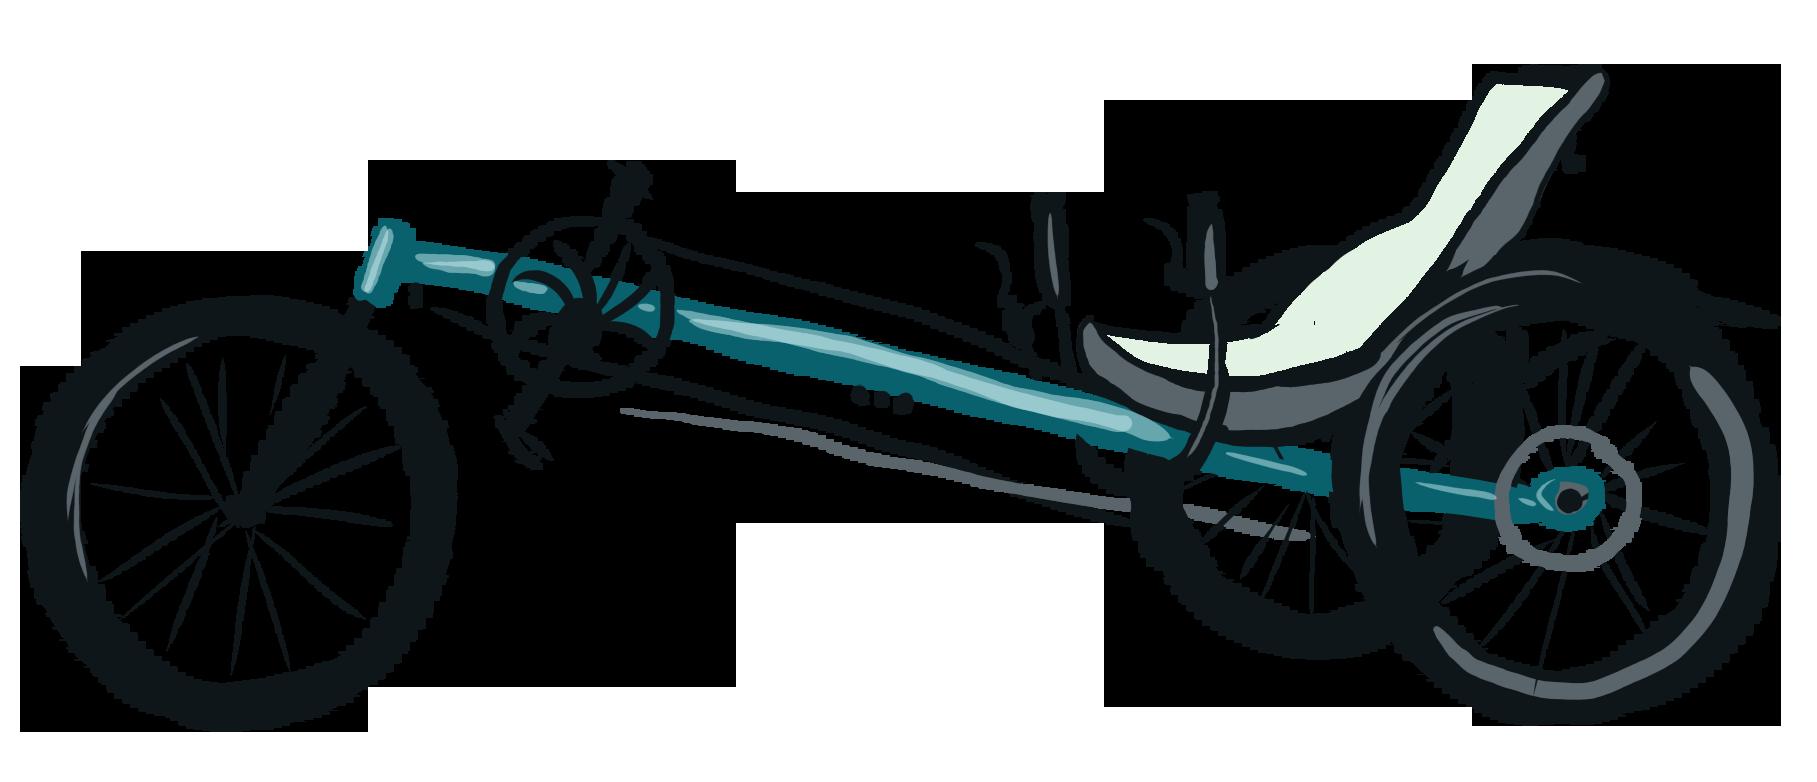 Fahrrad mit hinten zwei Rädern, vorne eins. Liegende Sitzhaltung.